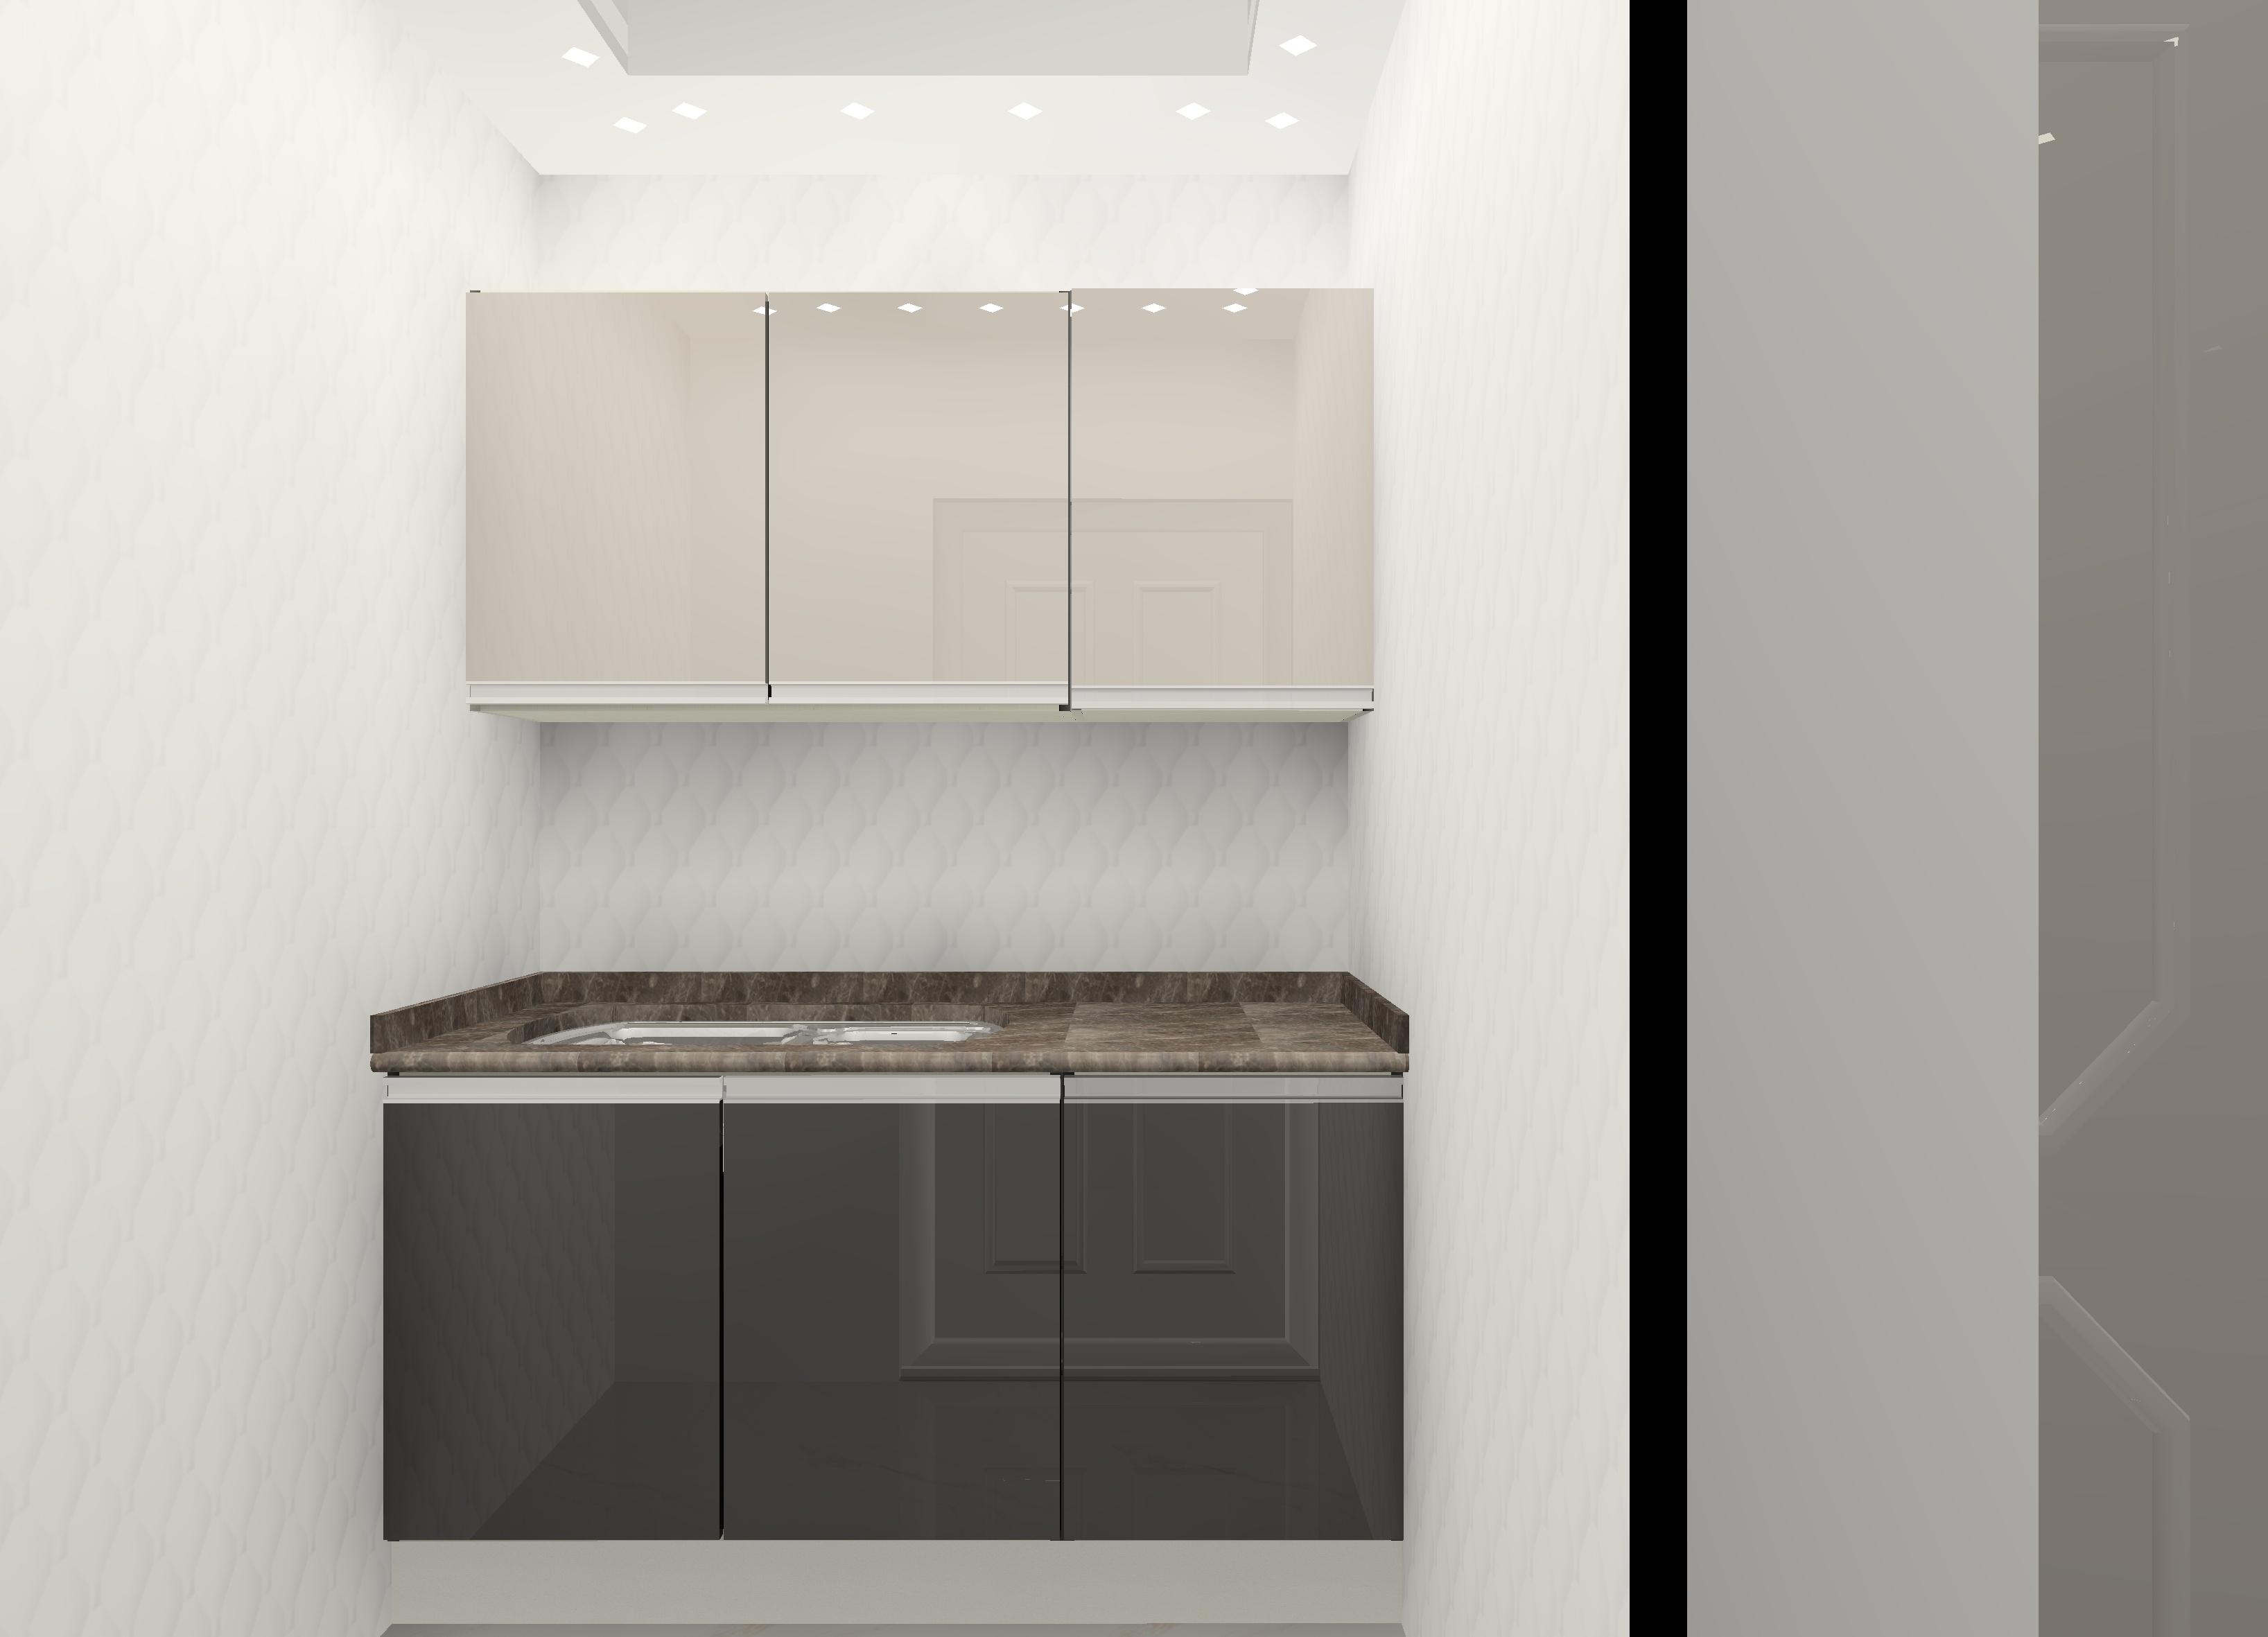 GF B-SIDE 4 - Gwalior Modular Kitchen Design by Ideas Kitchens